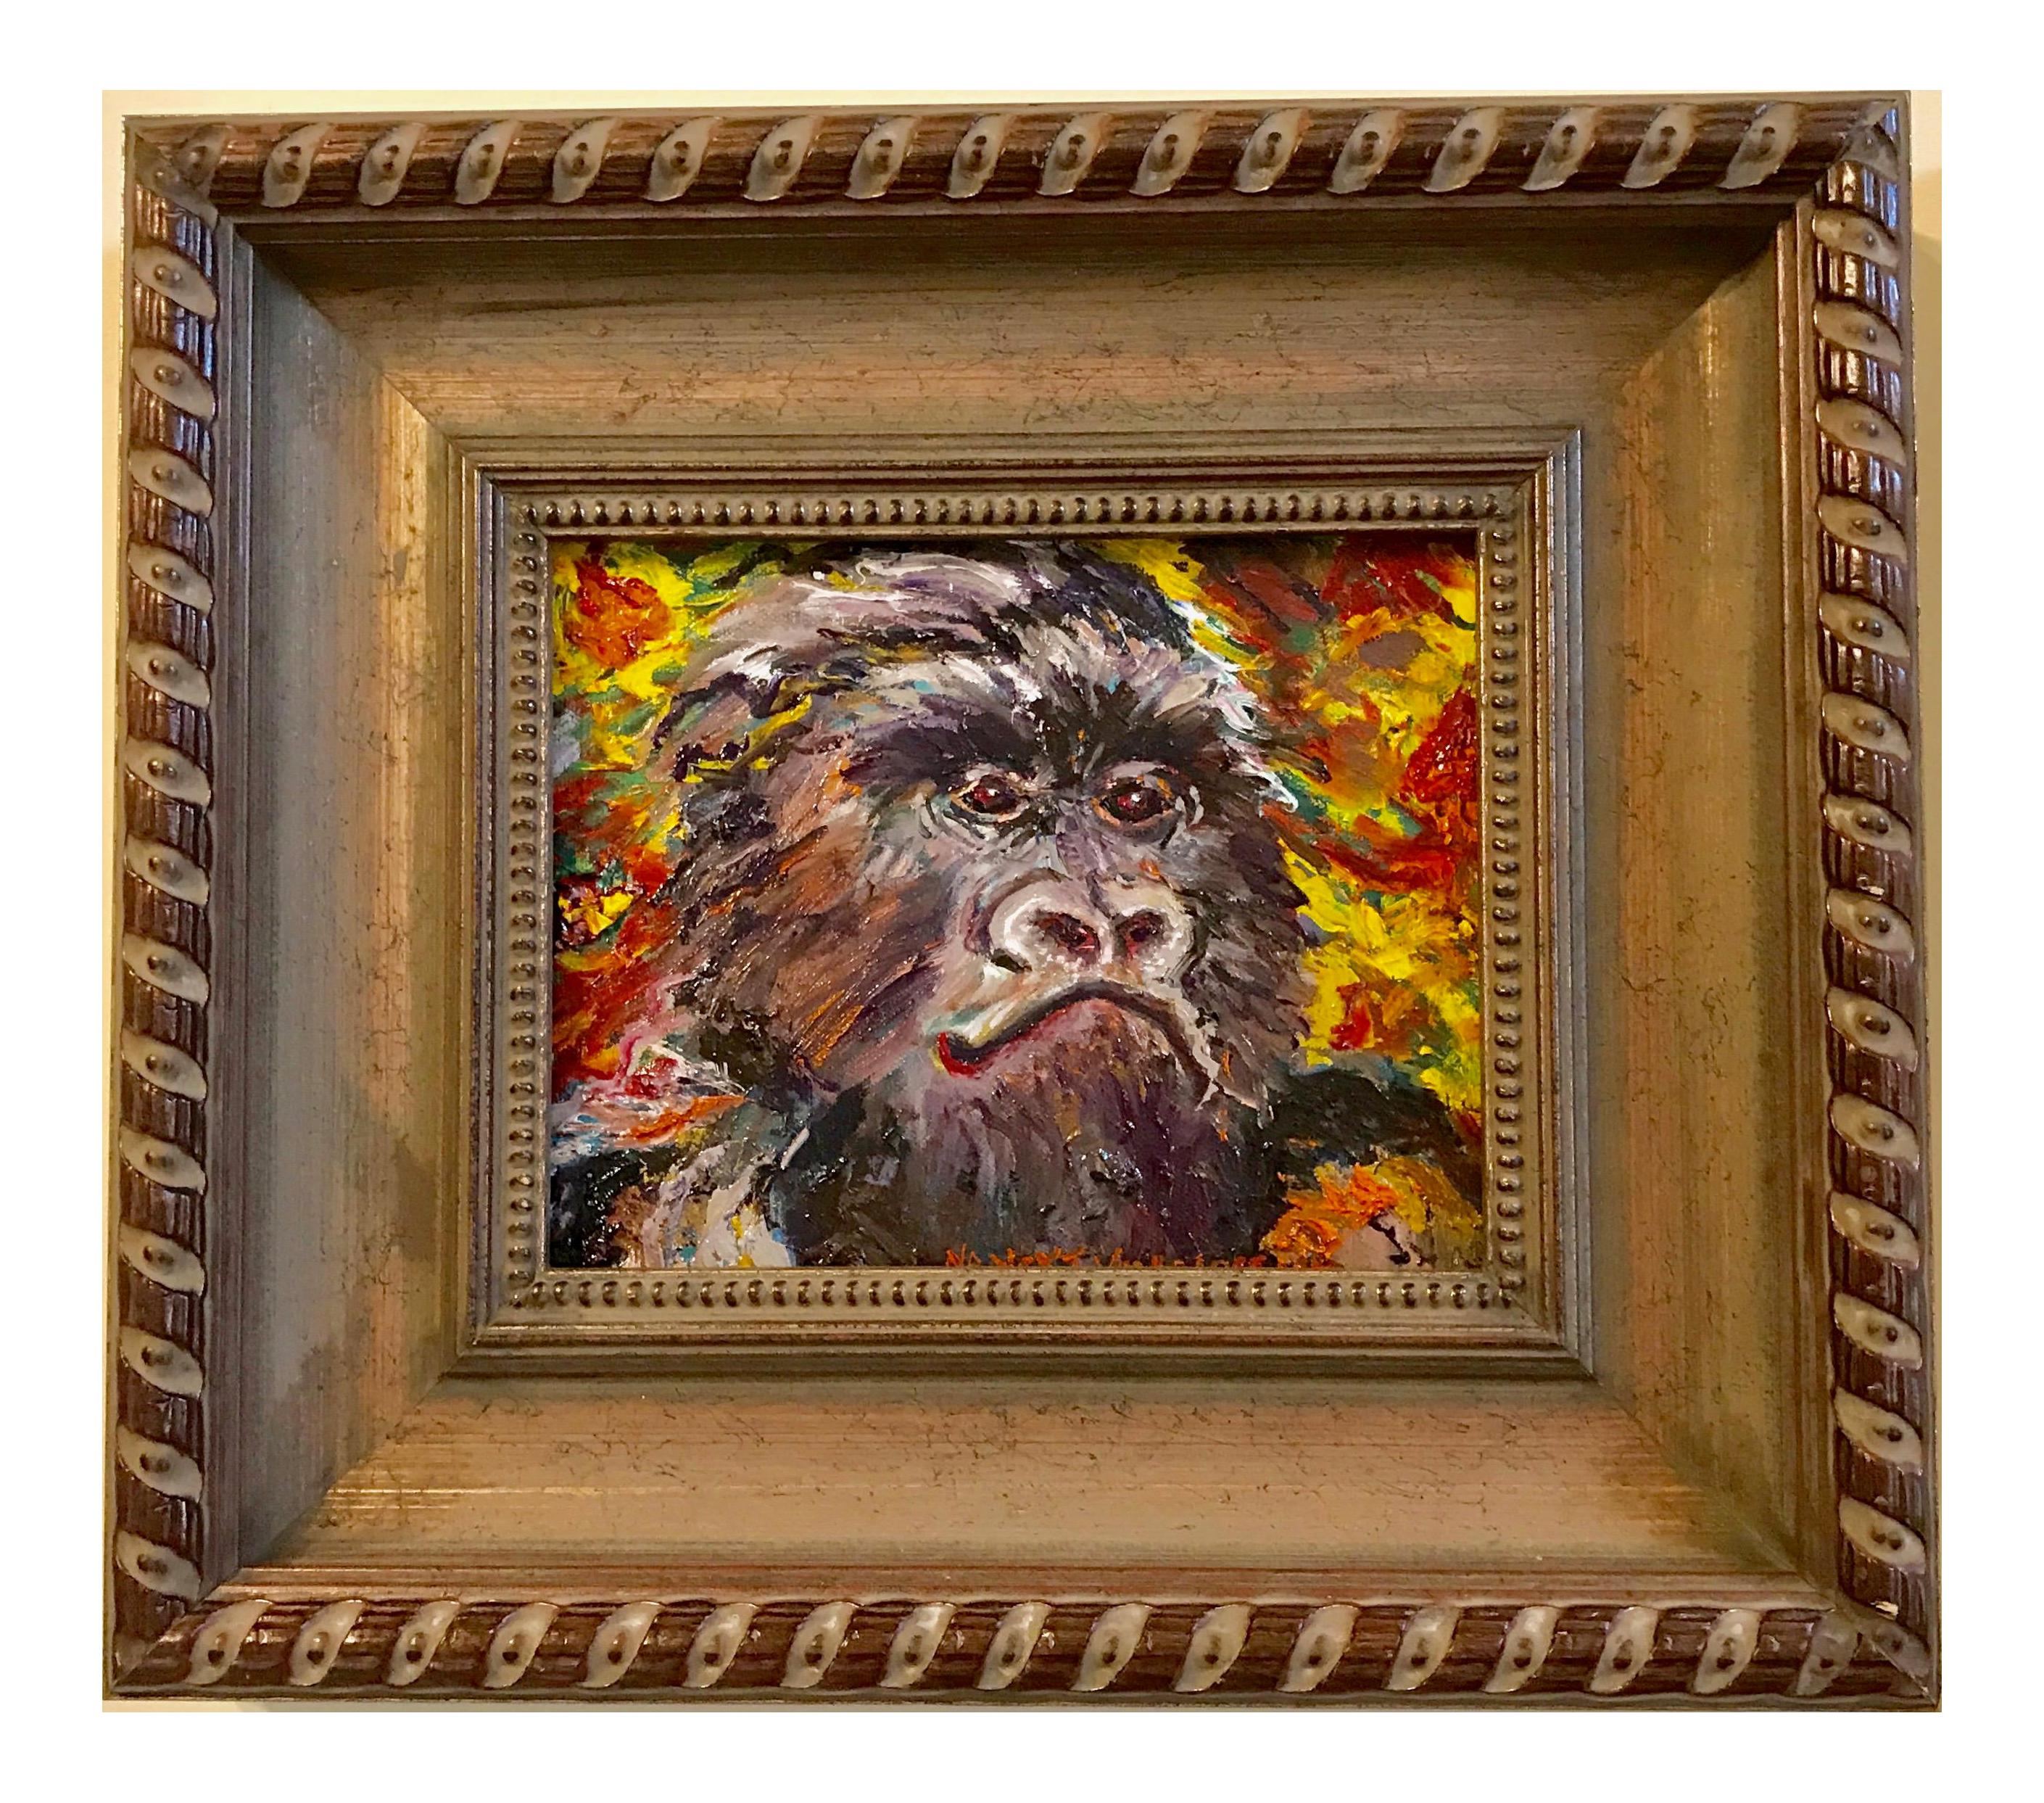 Gorilla Ape Original Oil Painting Signed Artwork In 2020 Original Oil Painting Oil Painting Painting